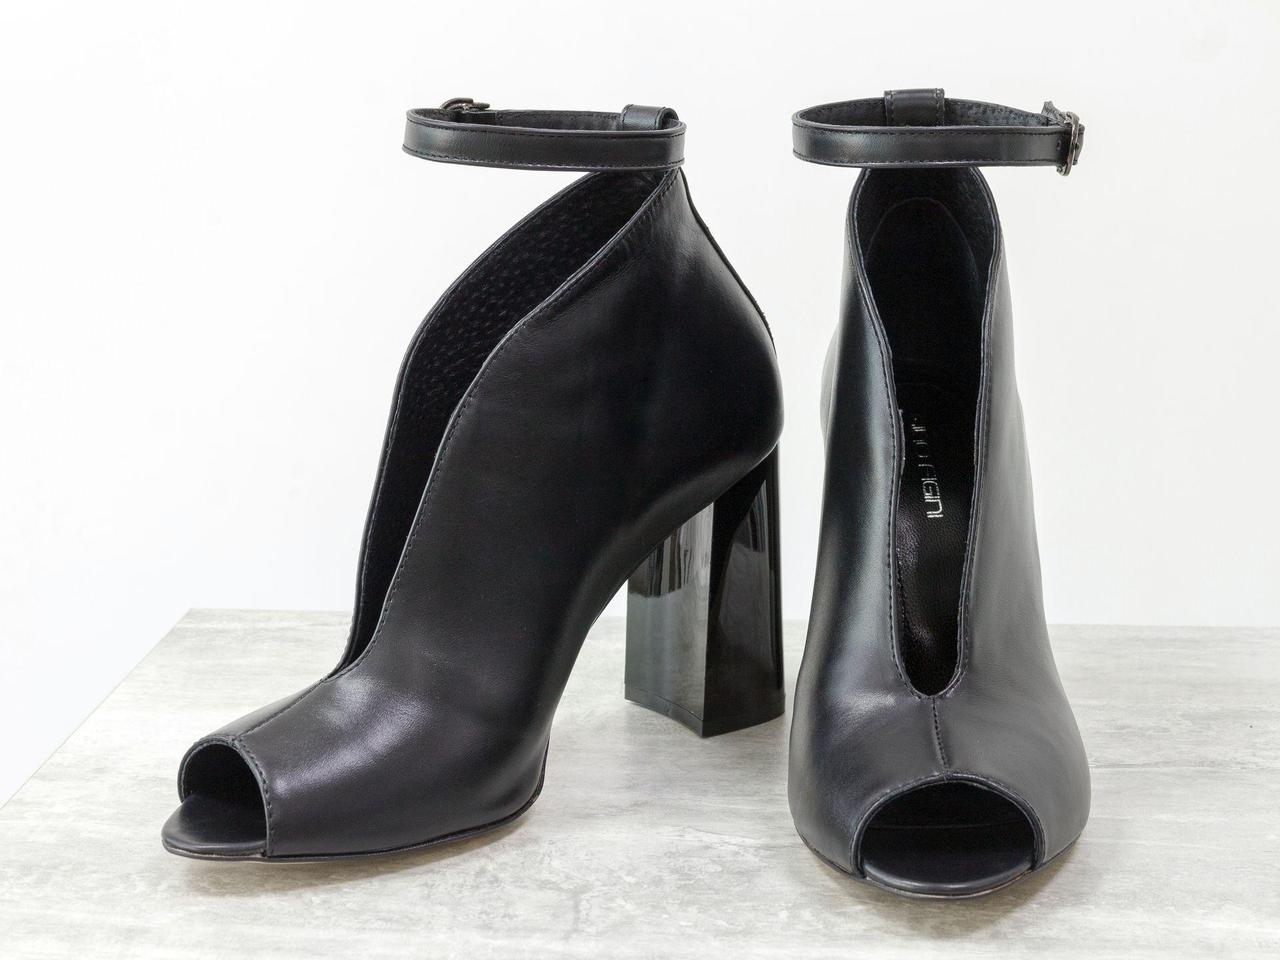 Дизайнерские туфли с открытым носиком из натуральной гладкой кожи черного цвета